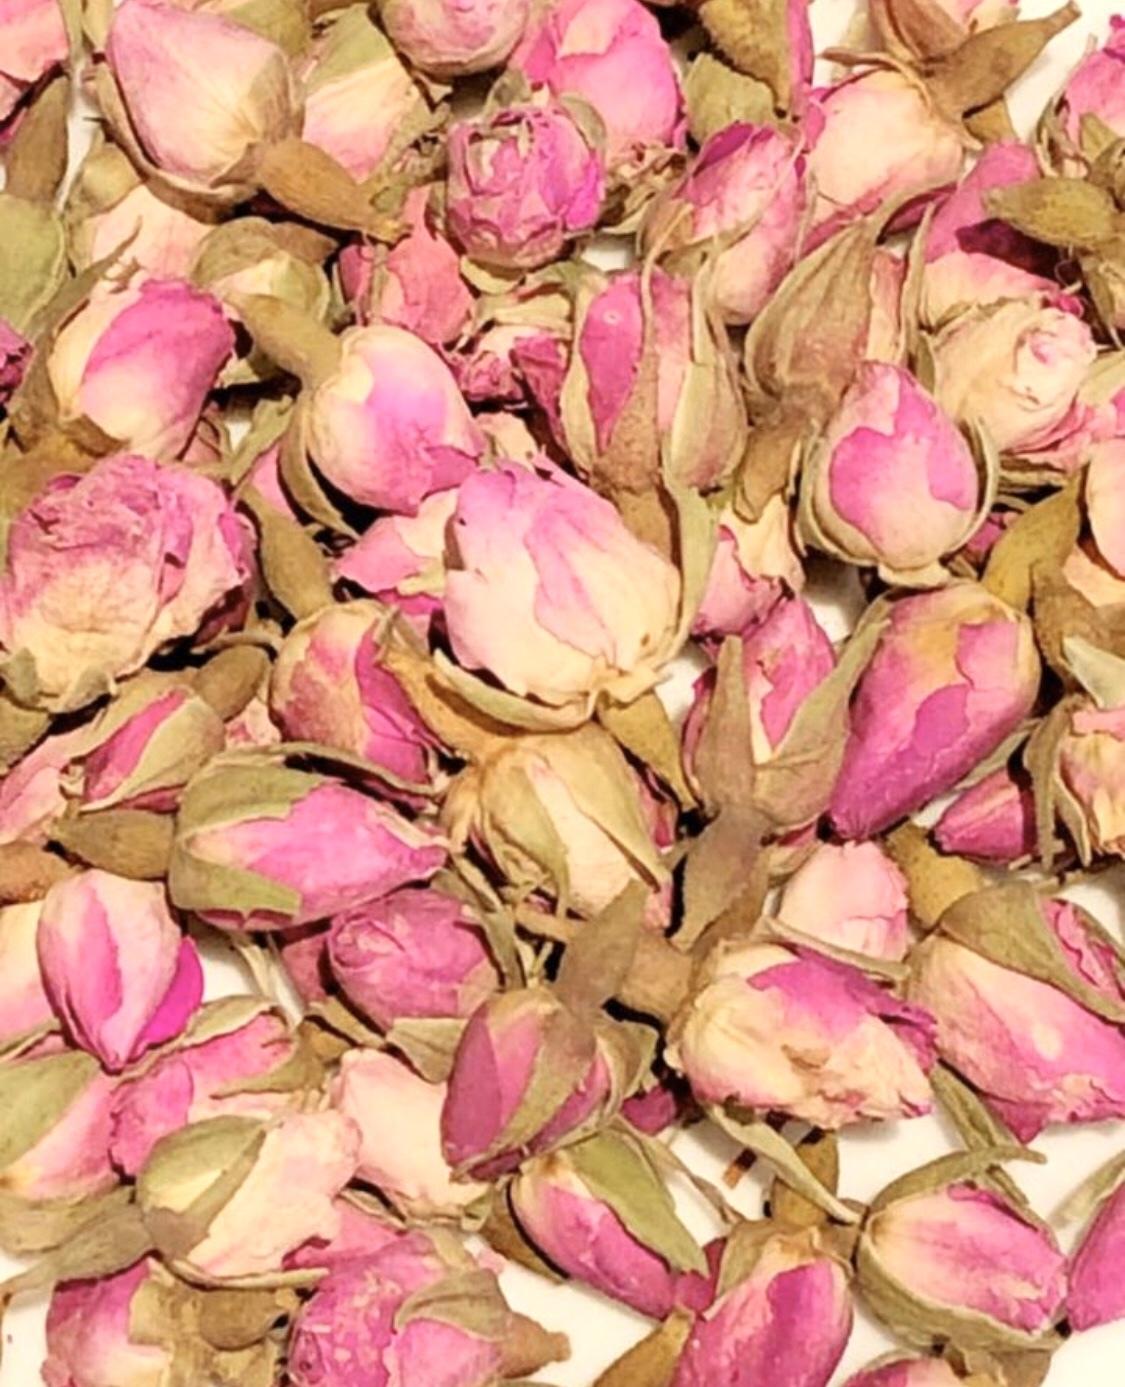 【ローズピンク 10g】ハーブティー 美人 女性 健康 ホルモンバランス リラックス 花の女王 お茶 デトックス 薔薇 バラ